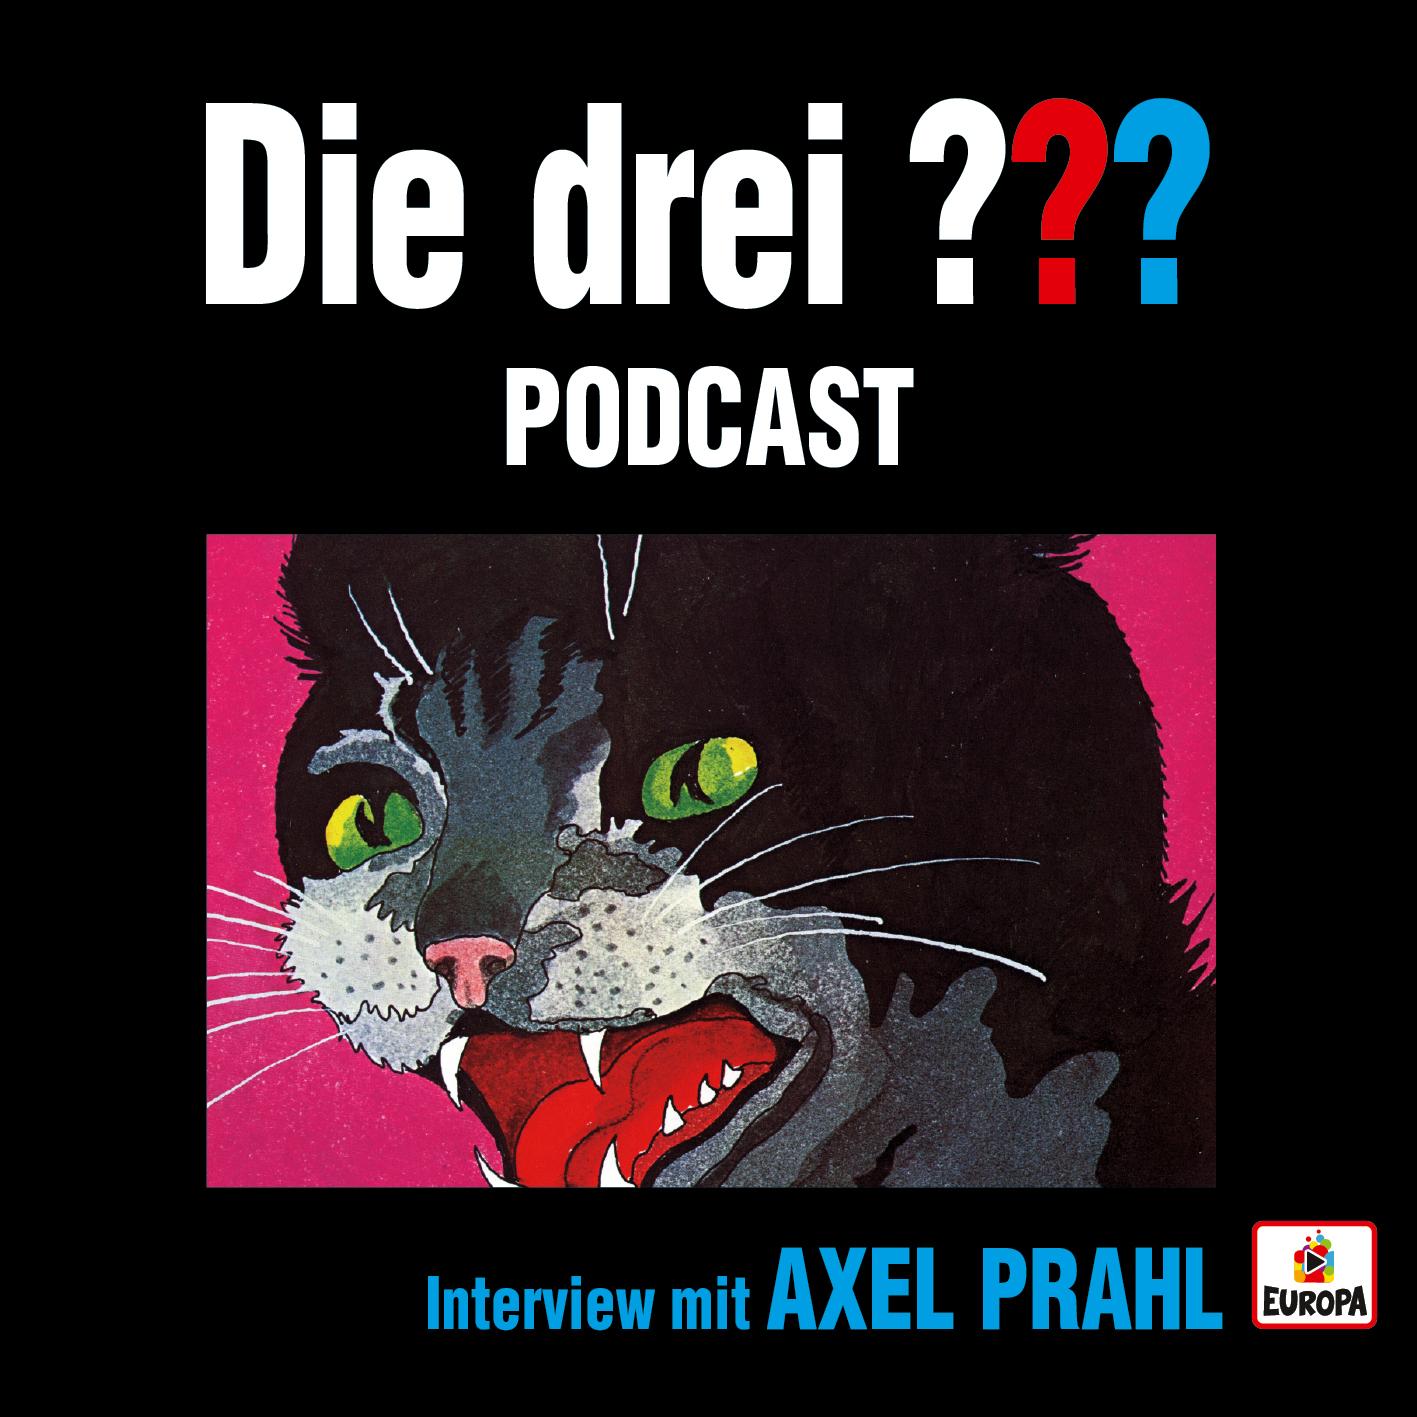 Interview mit Axel Prahl